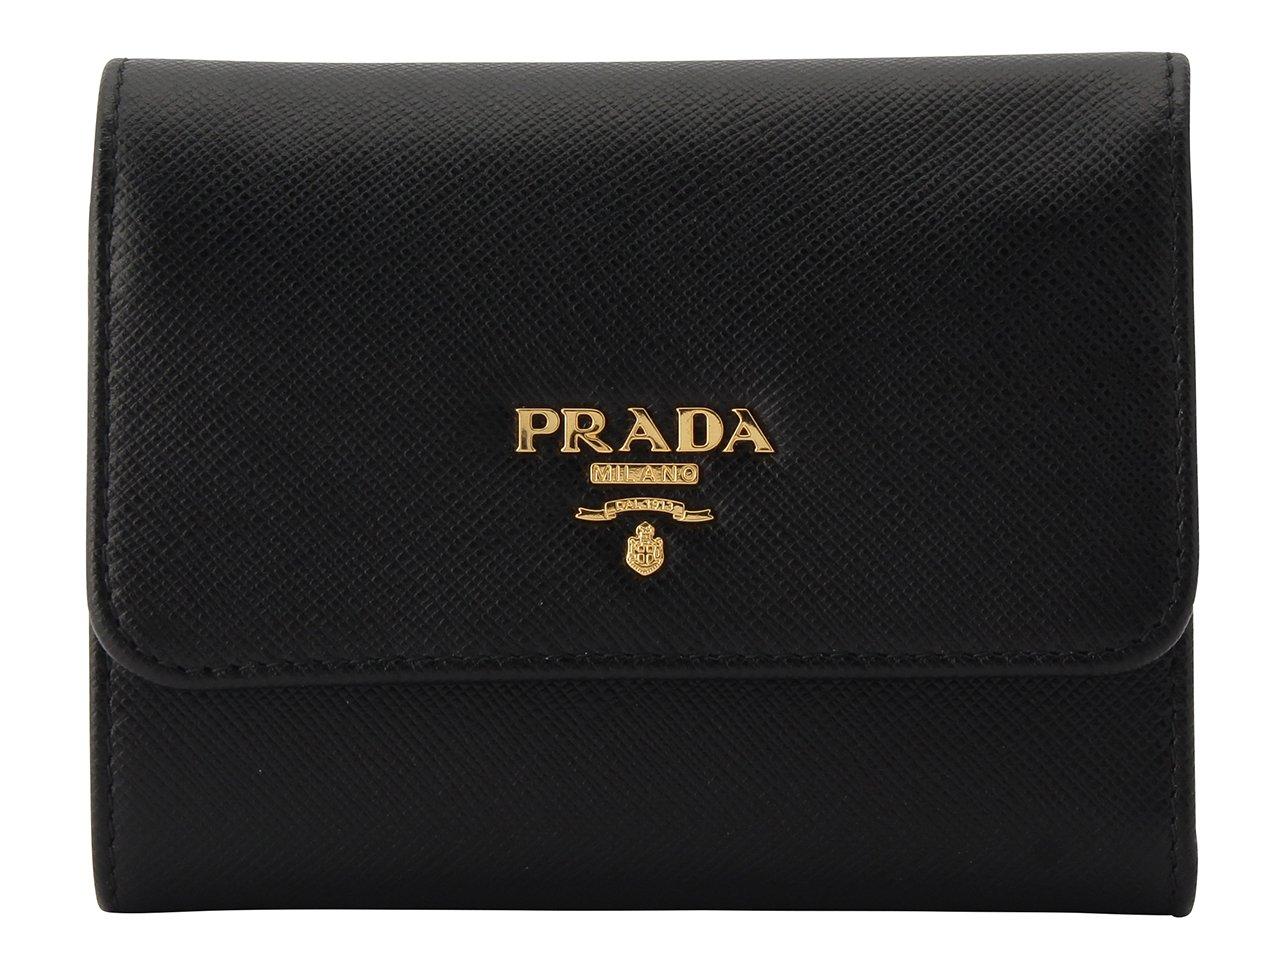 (プラダ) PRADA 財布 三つ折り レザー 1MH840 ブランド[並行輸入品] B075NCLHQM Nero Nero